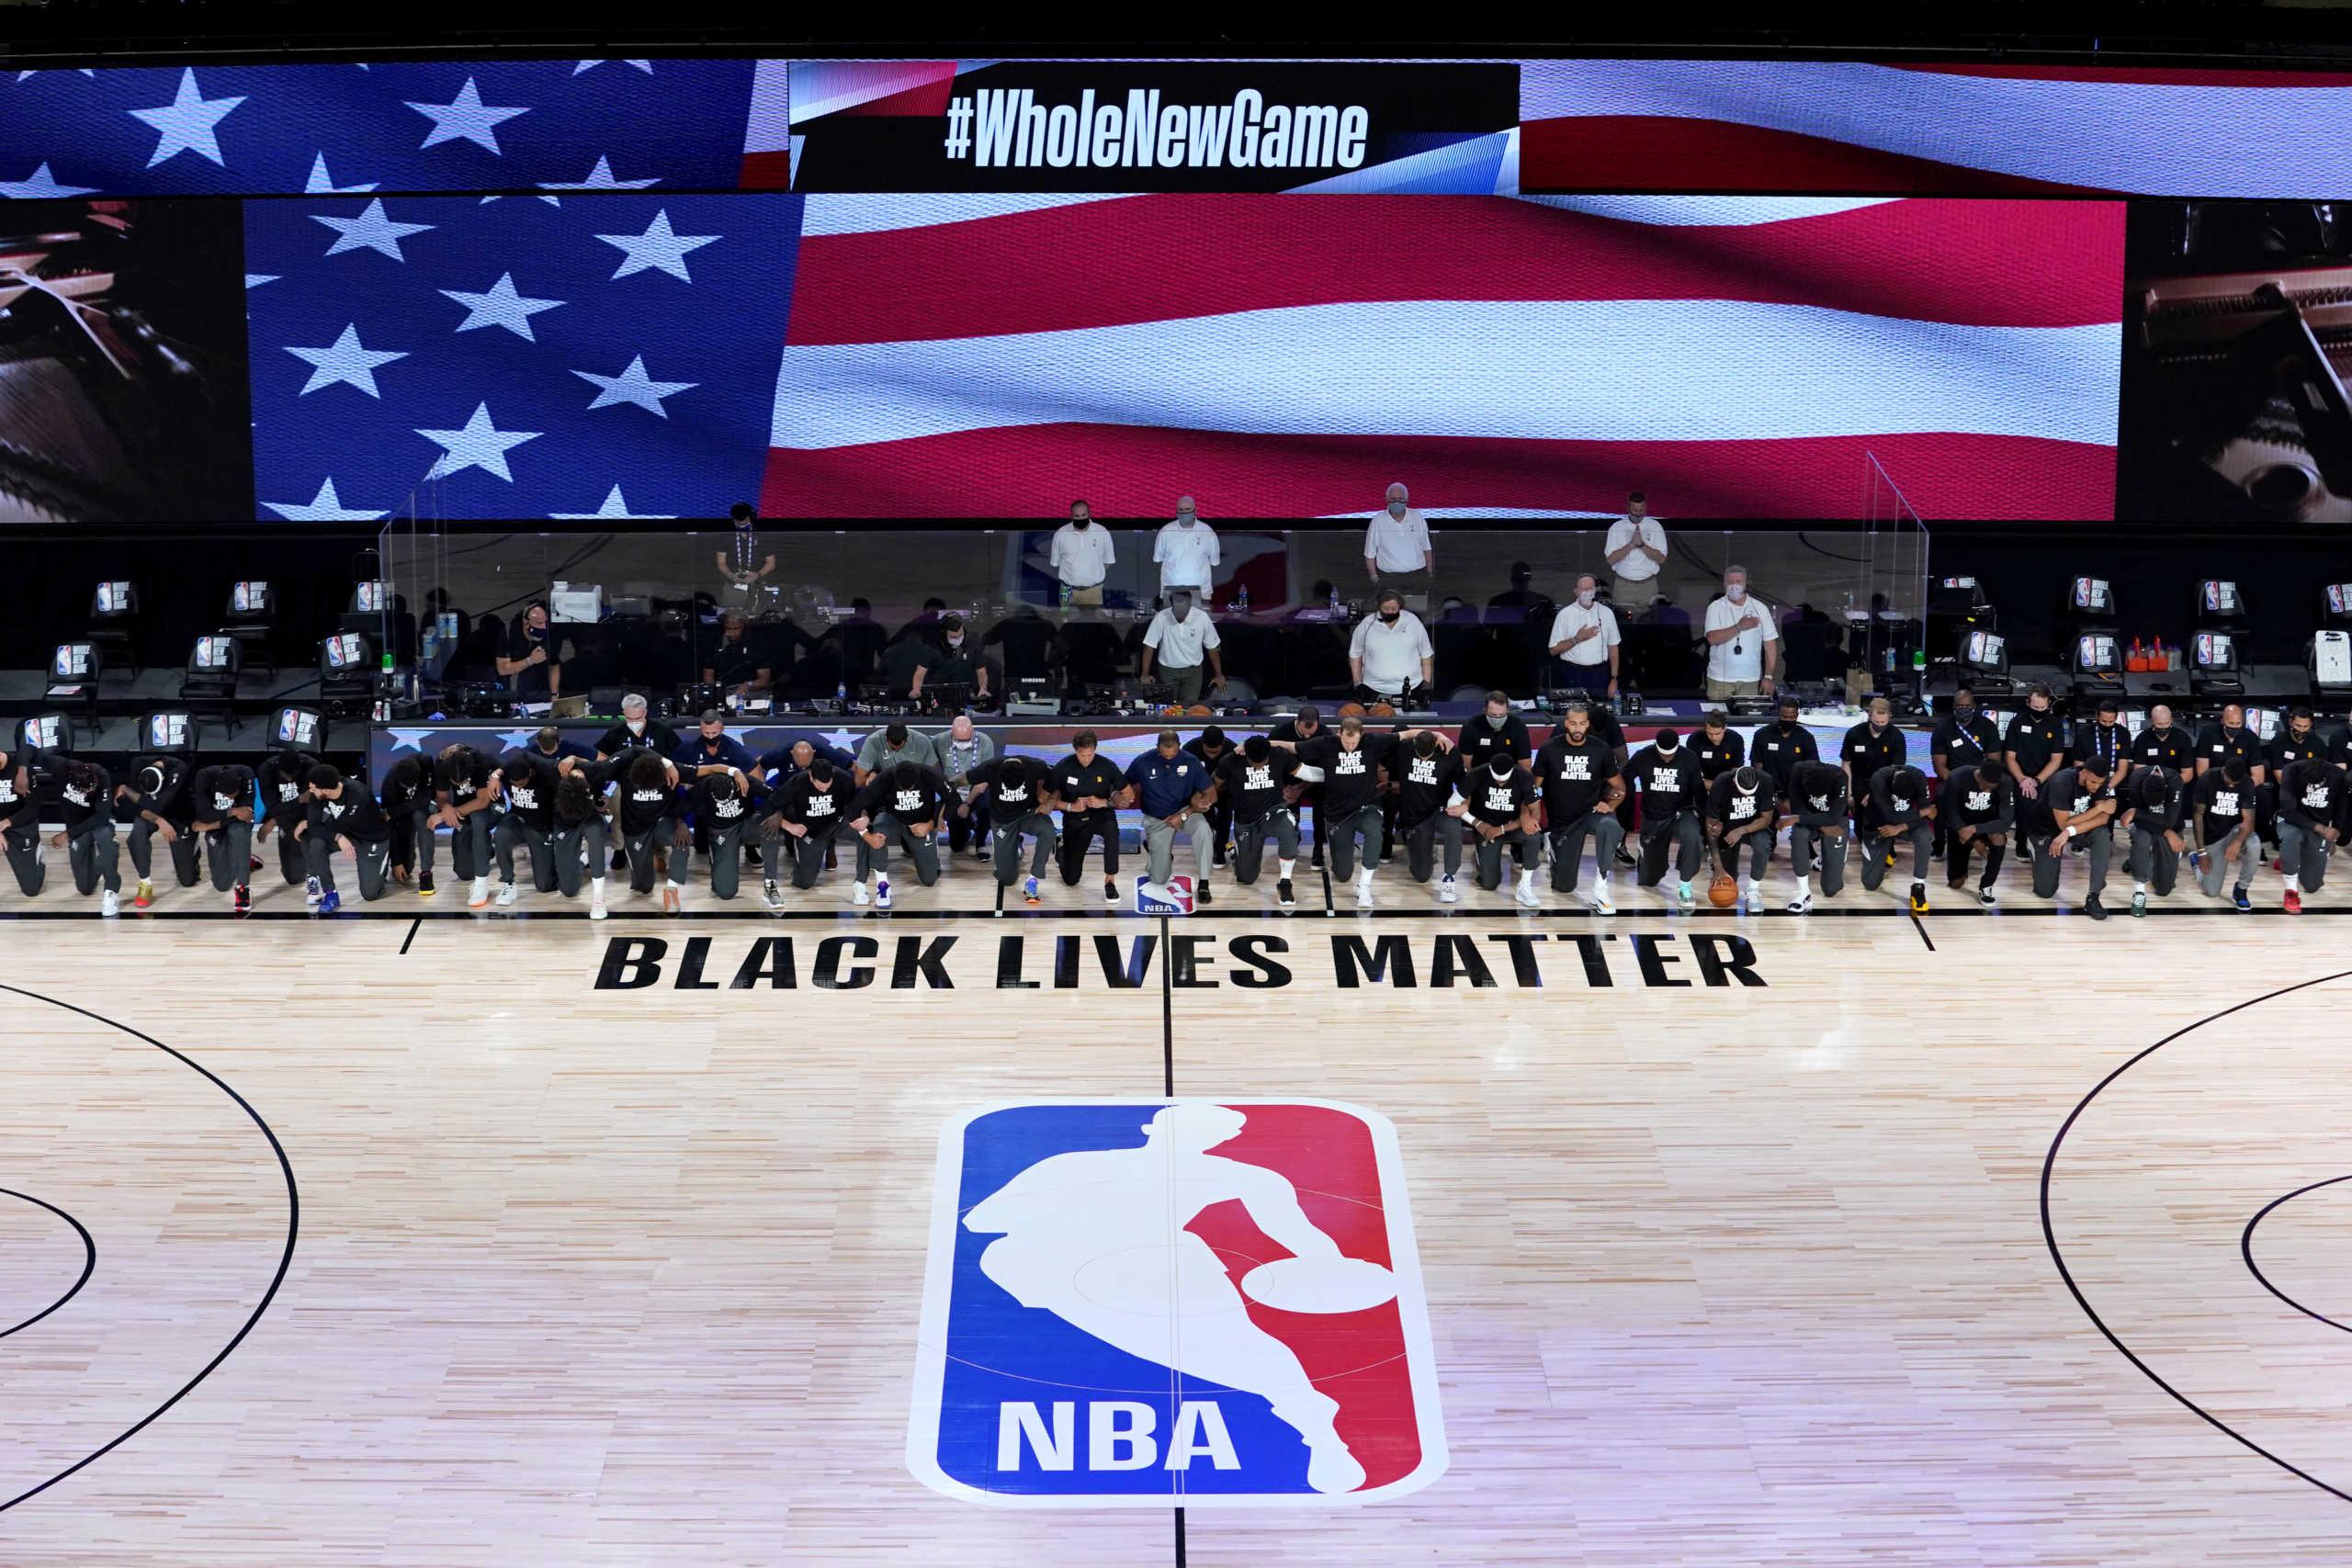 Επανεκκίνηση με διαμαρτυρία Black Lives Matter στο NBA – Έτσι αντέδρασαν οι παίκτες (video)